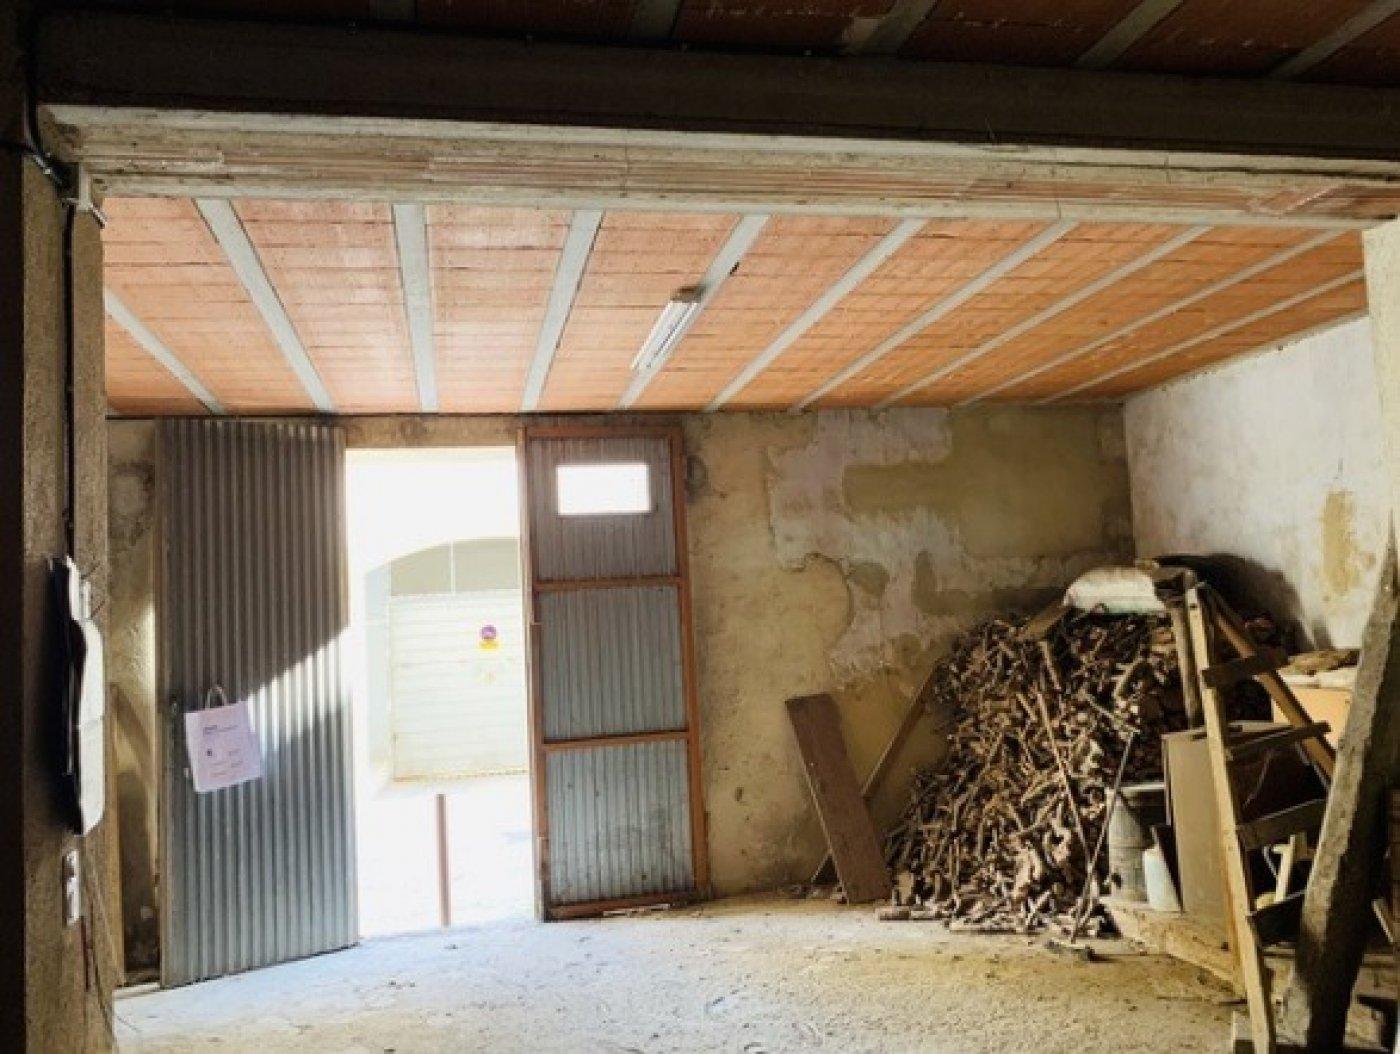 Casa almacén solar a rehabilitar en vendrell centro - imagenInmueble11